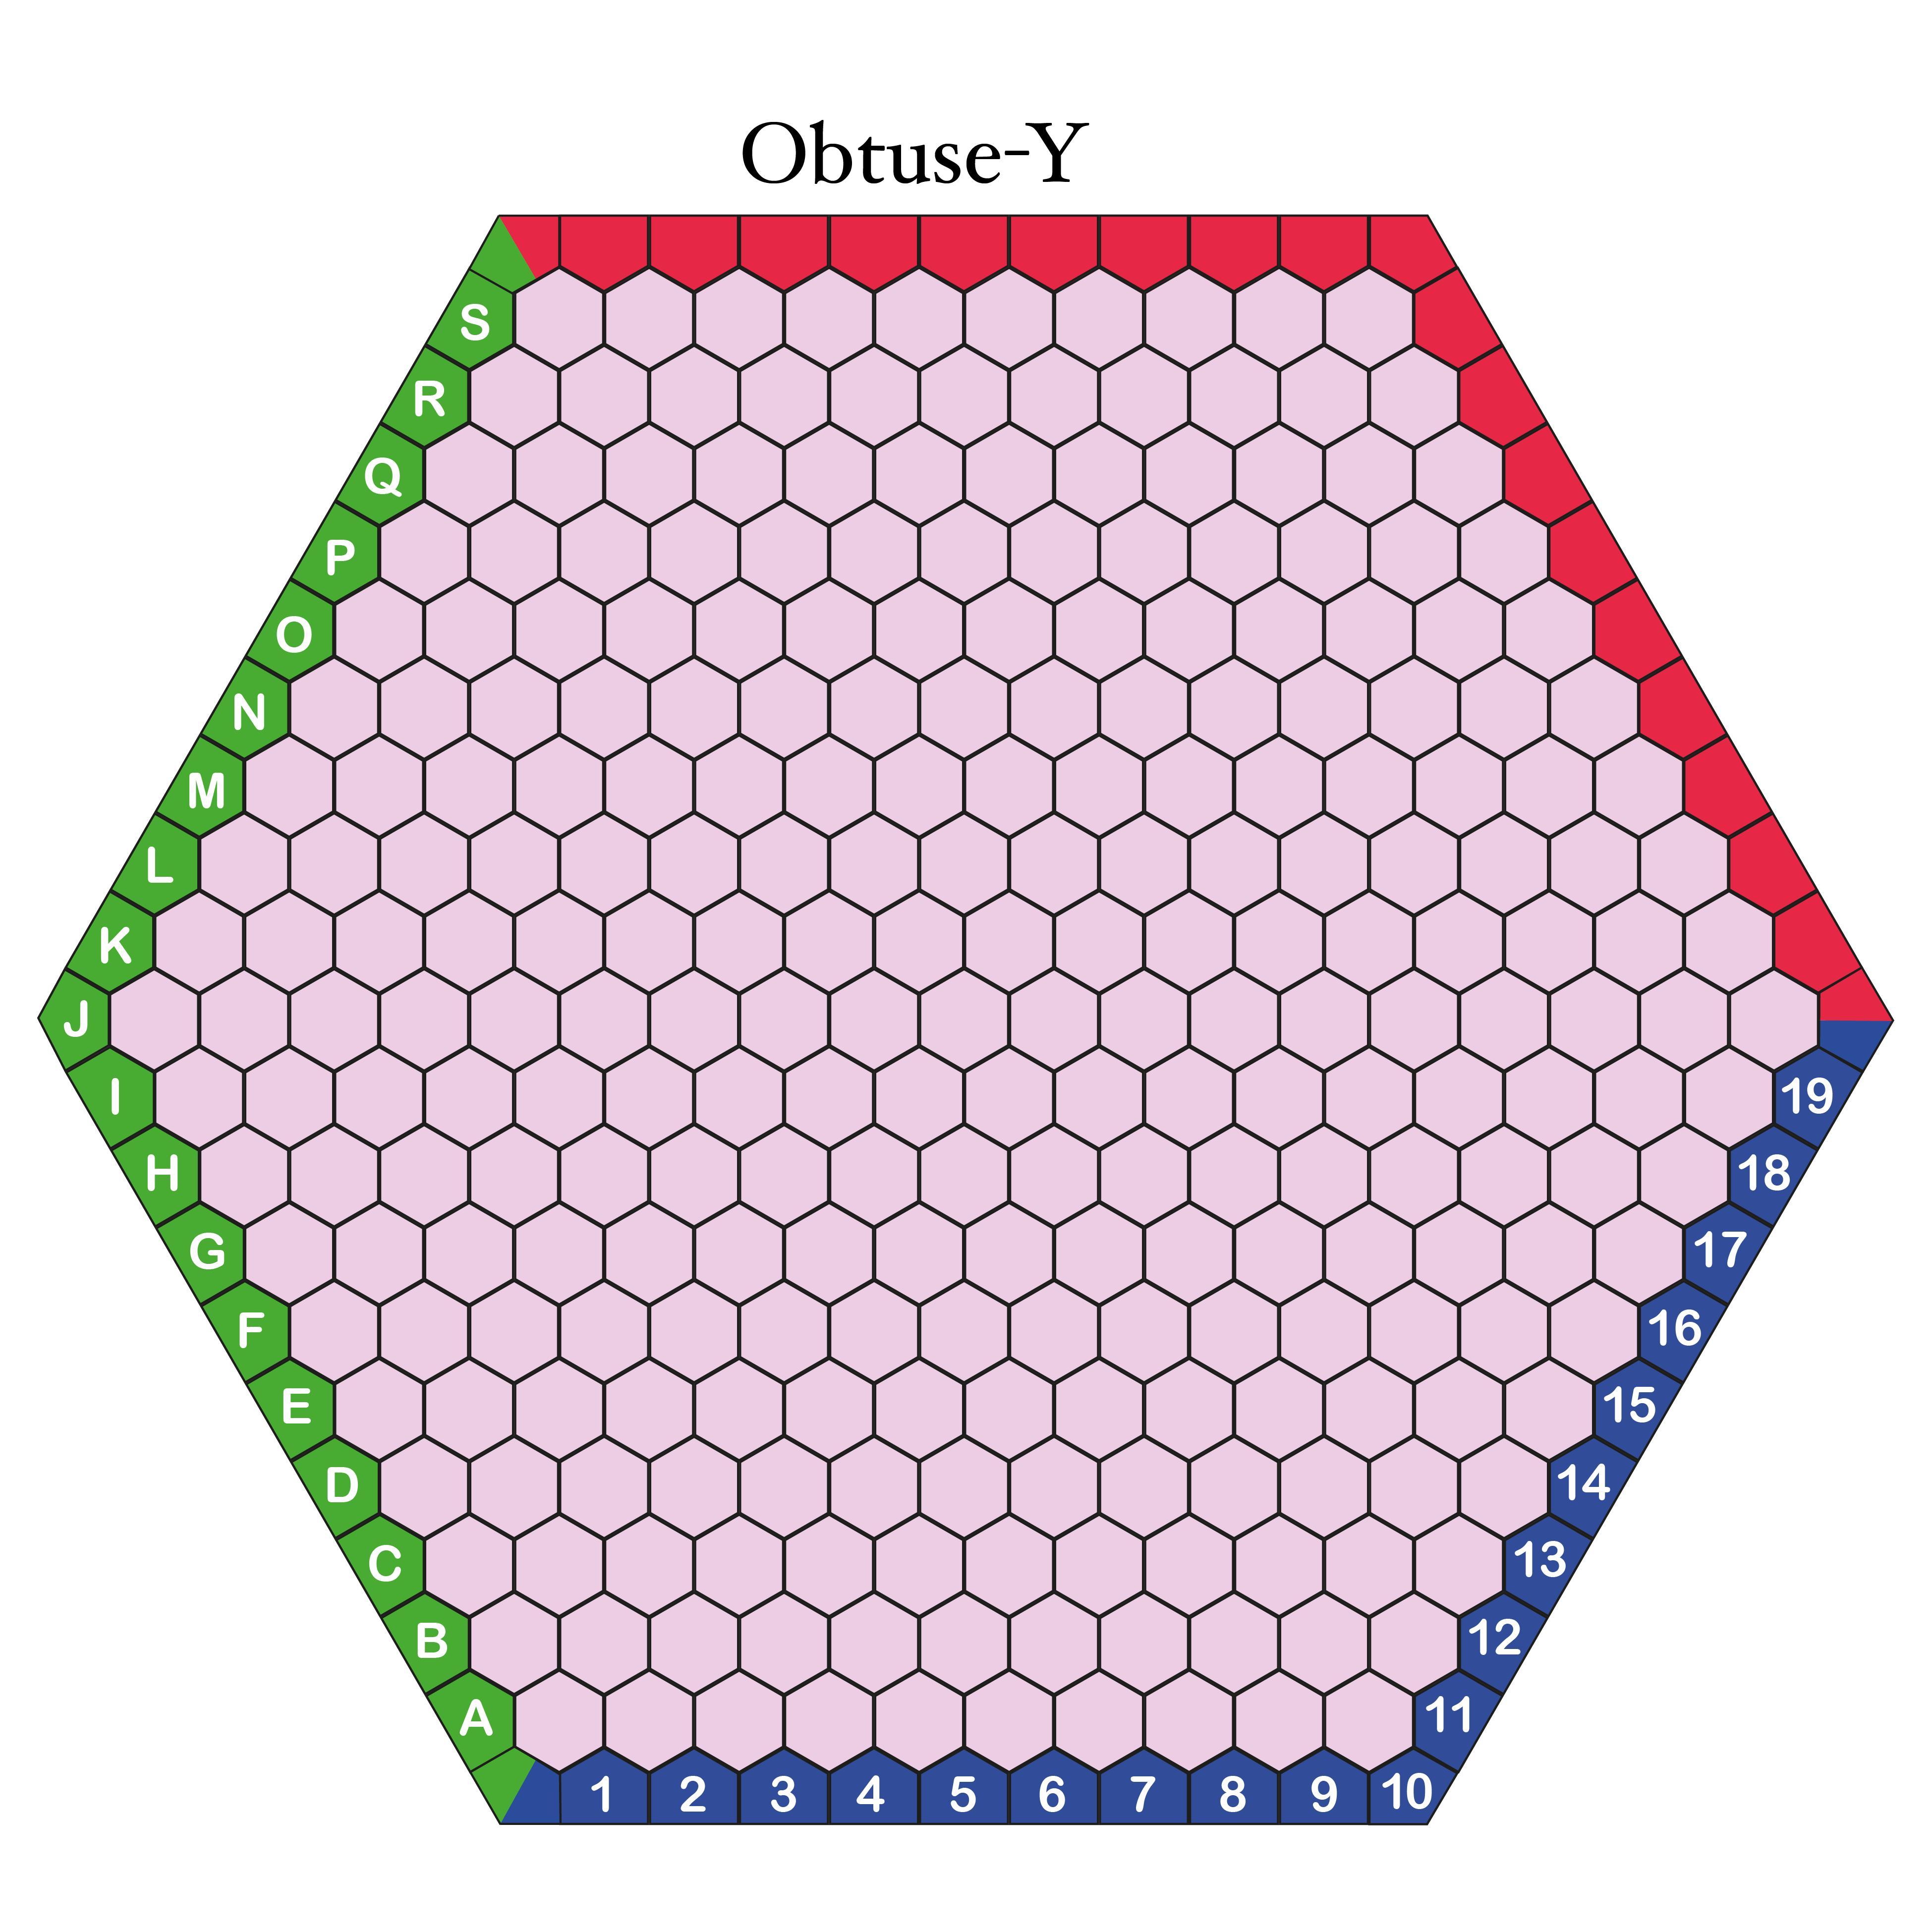 hexhex-10_Obtuse-Y-01